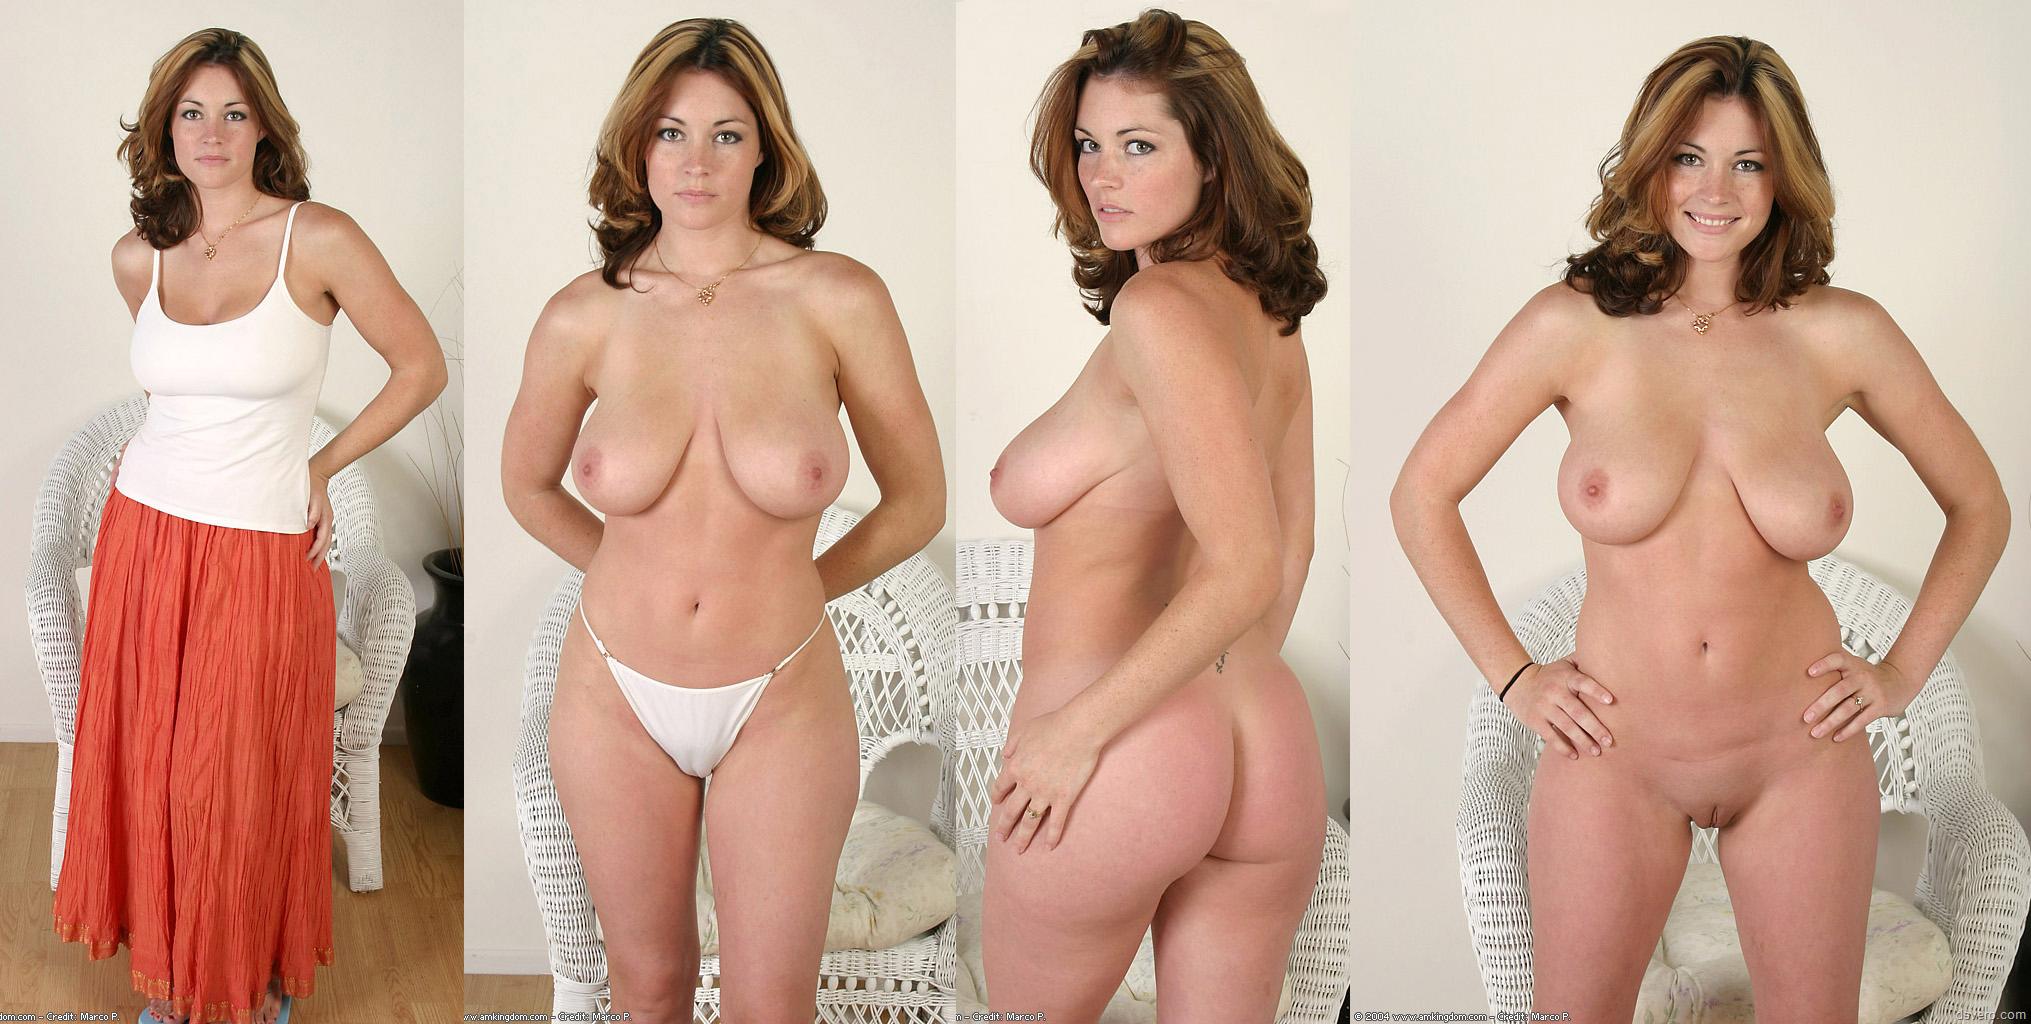 Сайт для взрослых голые девушки 13 фотография